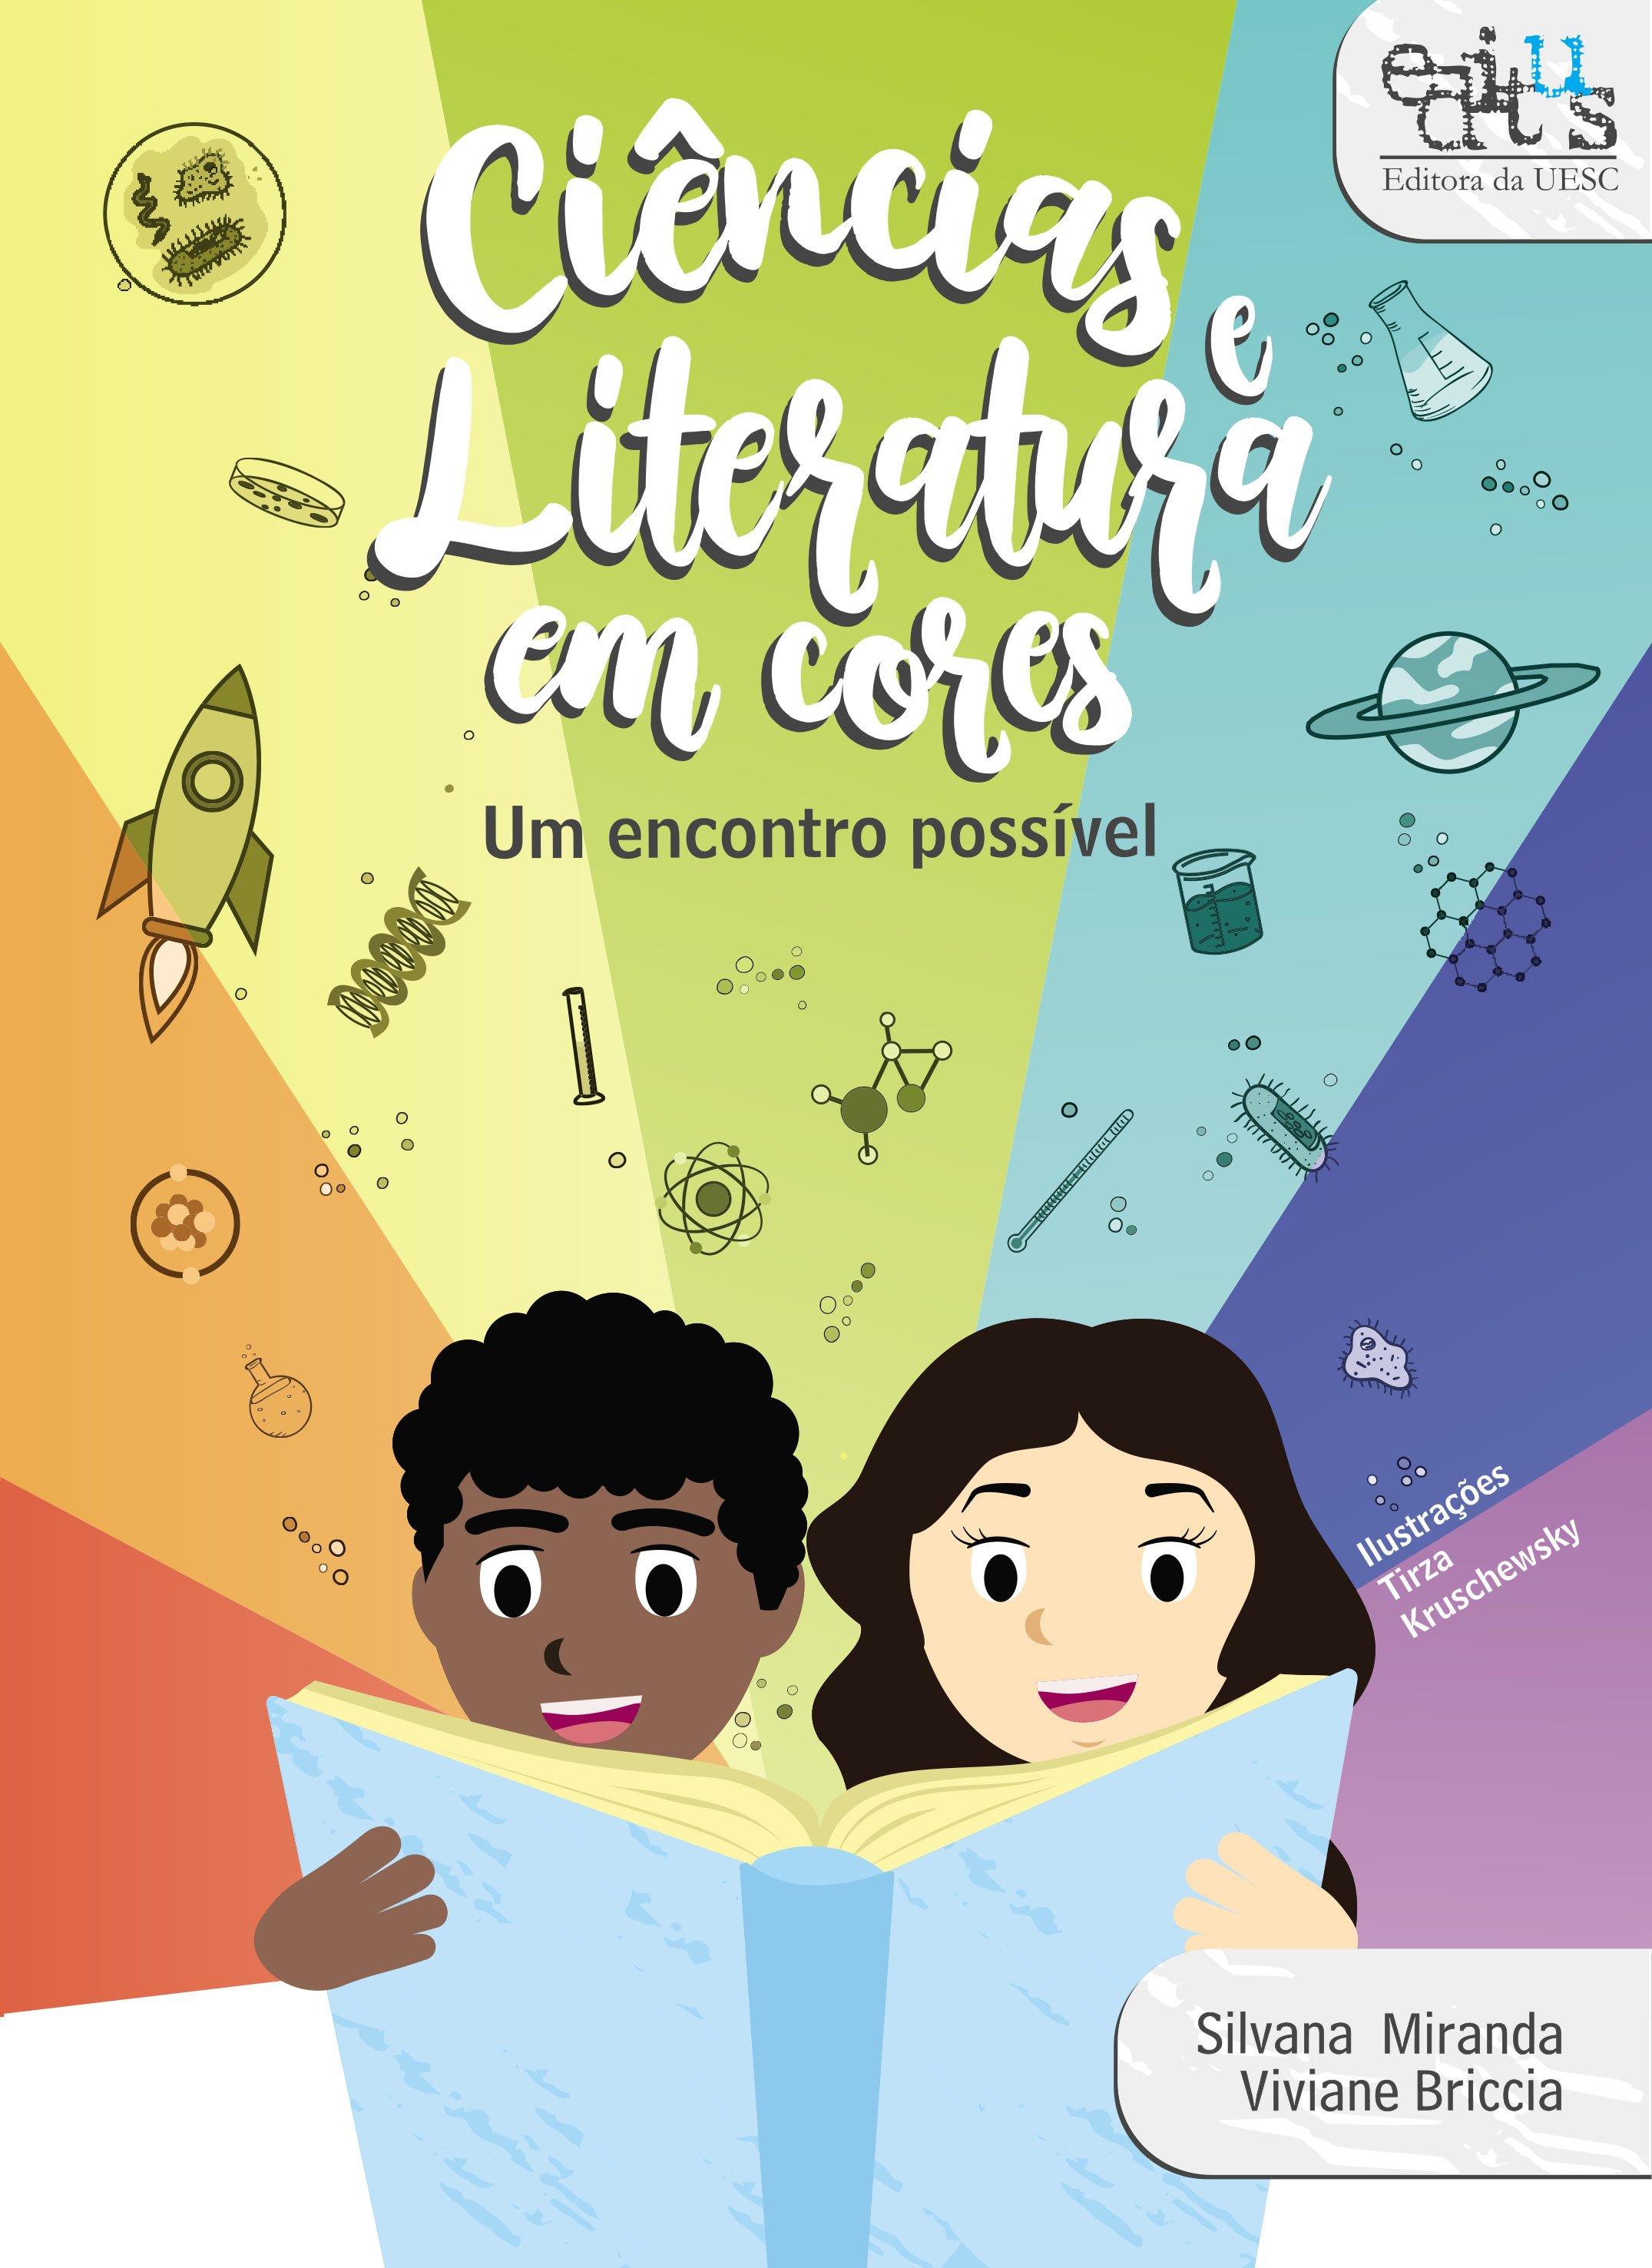 Ciências e literatura em cores. Um encontro possível, livro de Silvana Miranda, Viviane Briccia